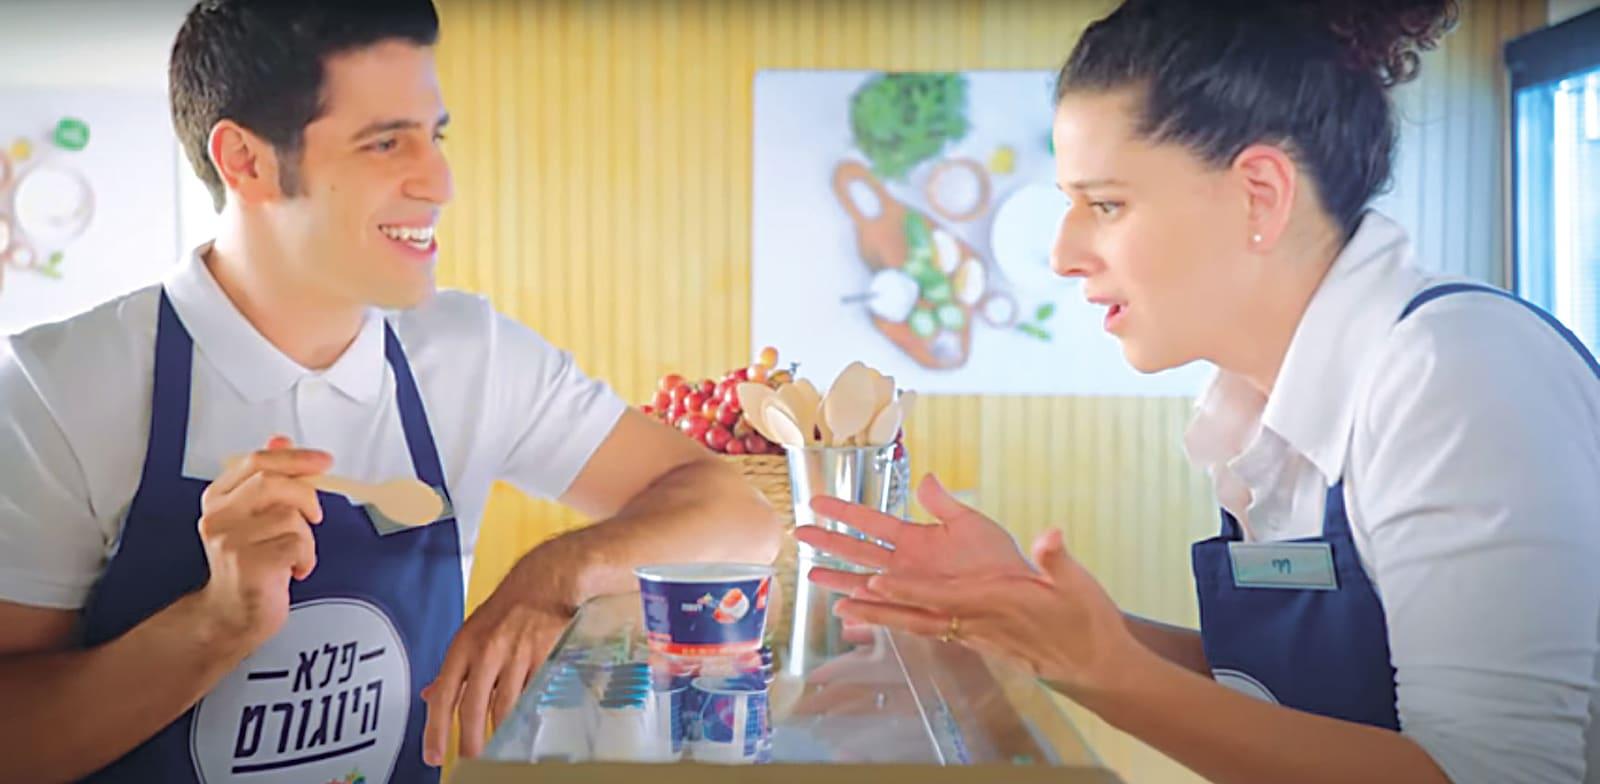 נועה קולר ואורי לייזרוביץ' בפרסומת לדנונה. החיבה עושה את שלה / צילום: יוטיוב